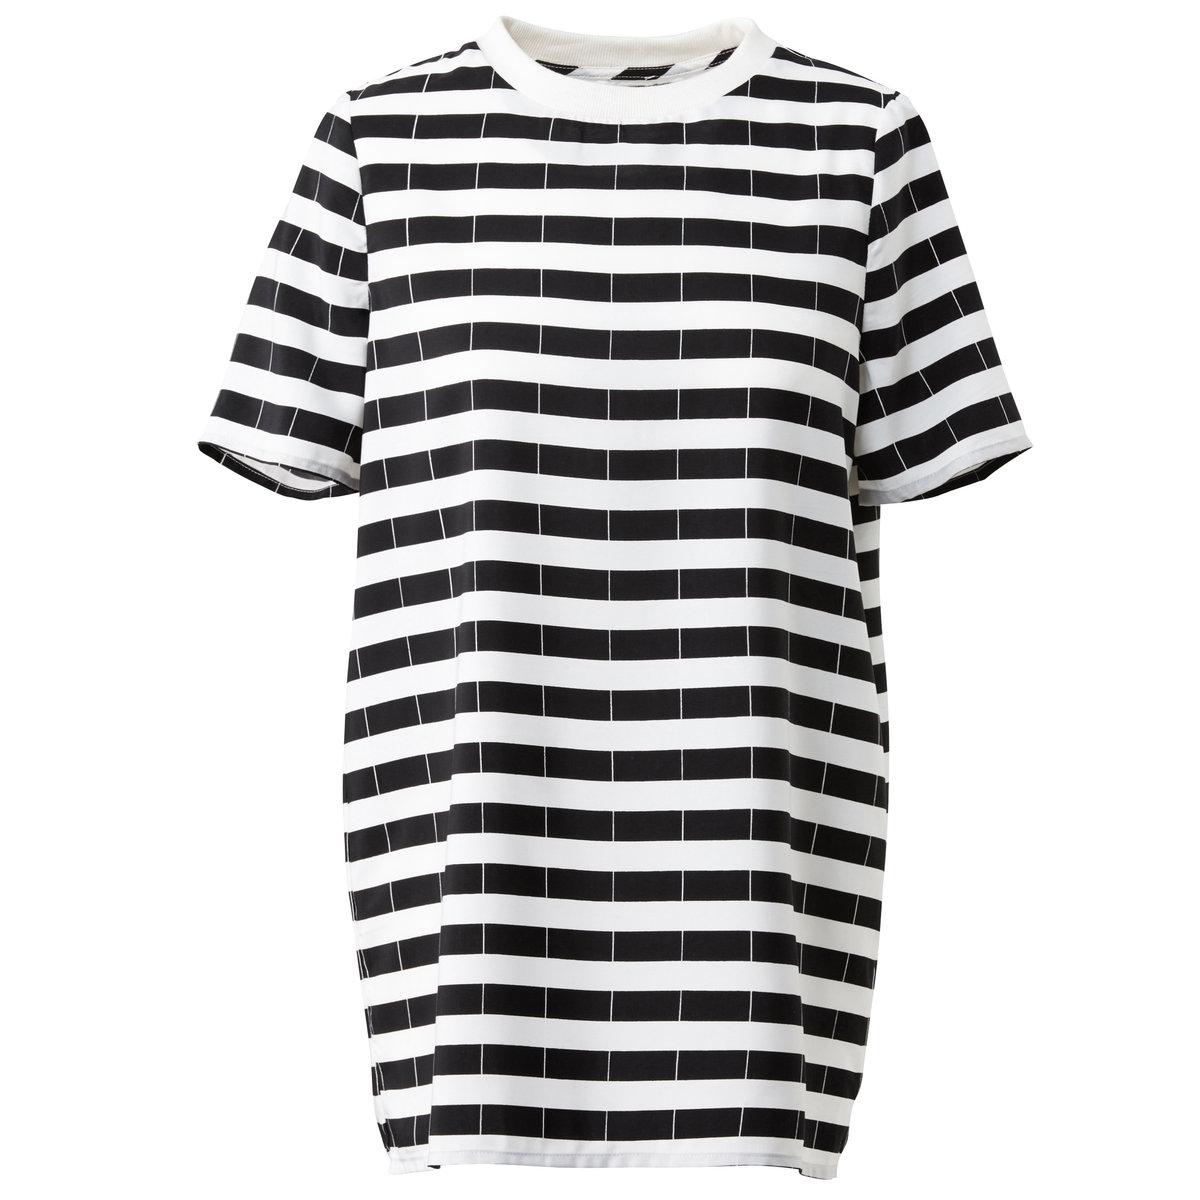 Блузка с короткими рукавамиБлузка из 100% полиэстера. Воротник из белого трикотажа. Короткие рукава. Длина 68 см.<br><br>Цвет: черный + белый<br>Размер: 34 (FR) - 40 (RUS).38 (FR) - 44 (RUS)